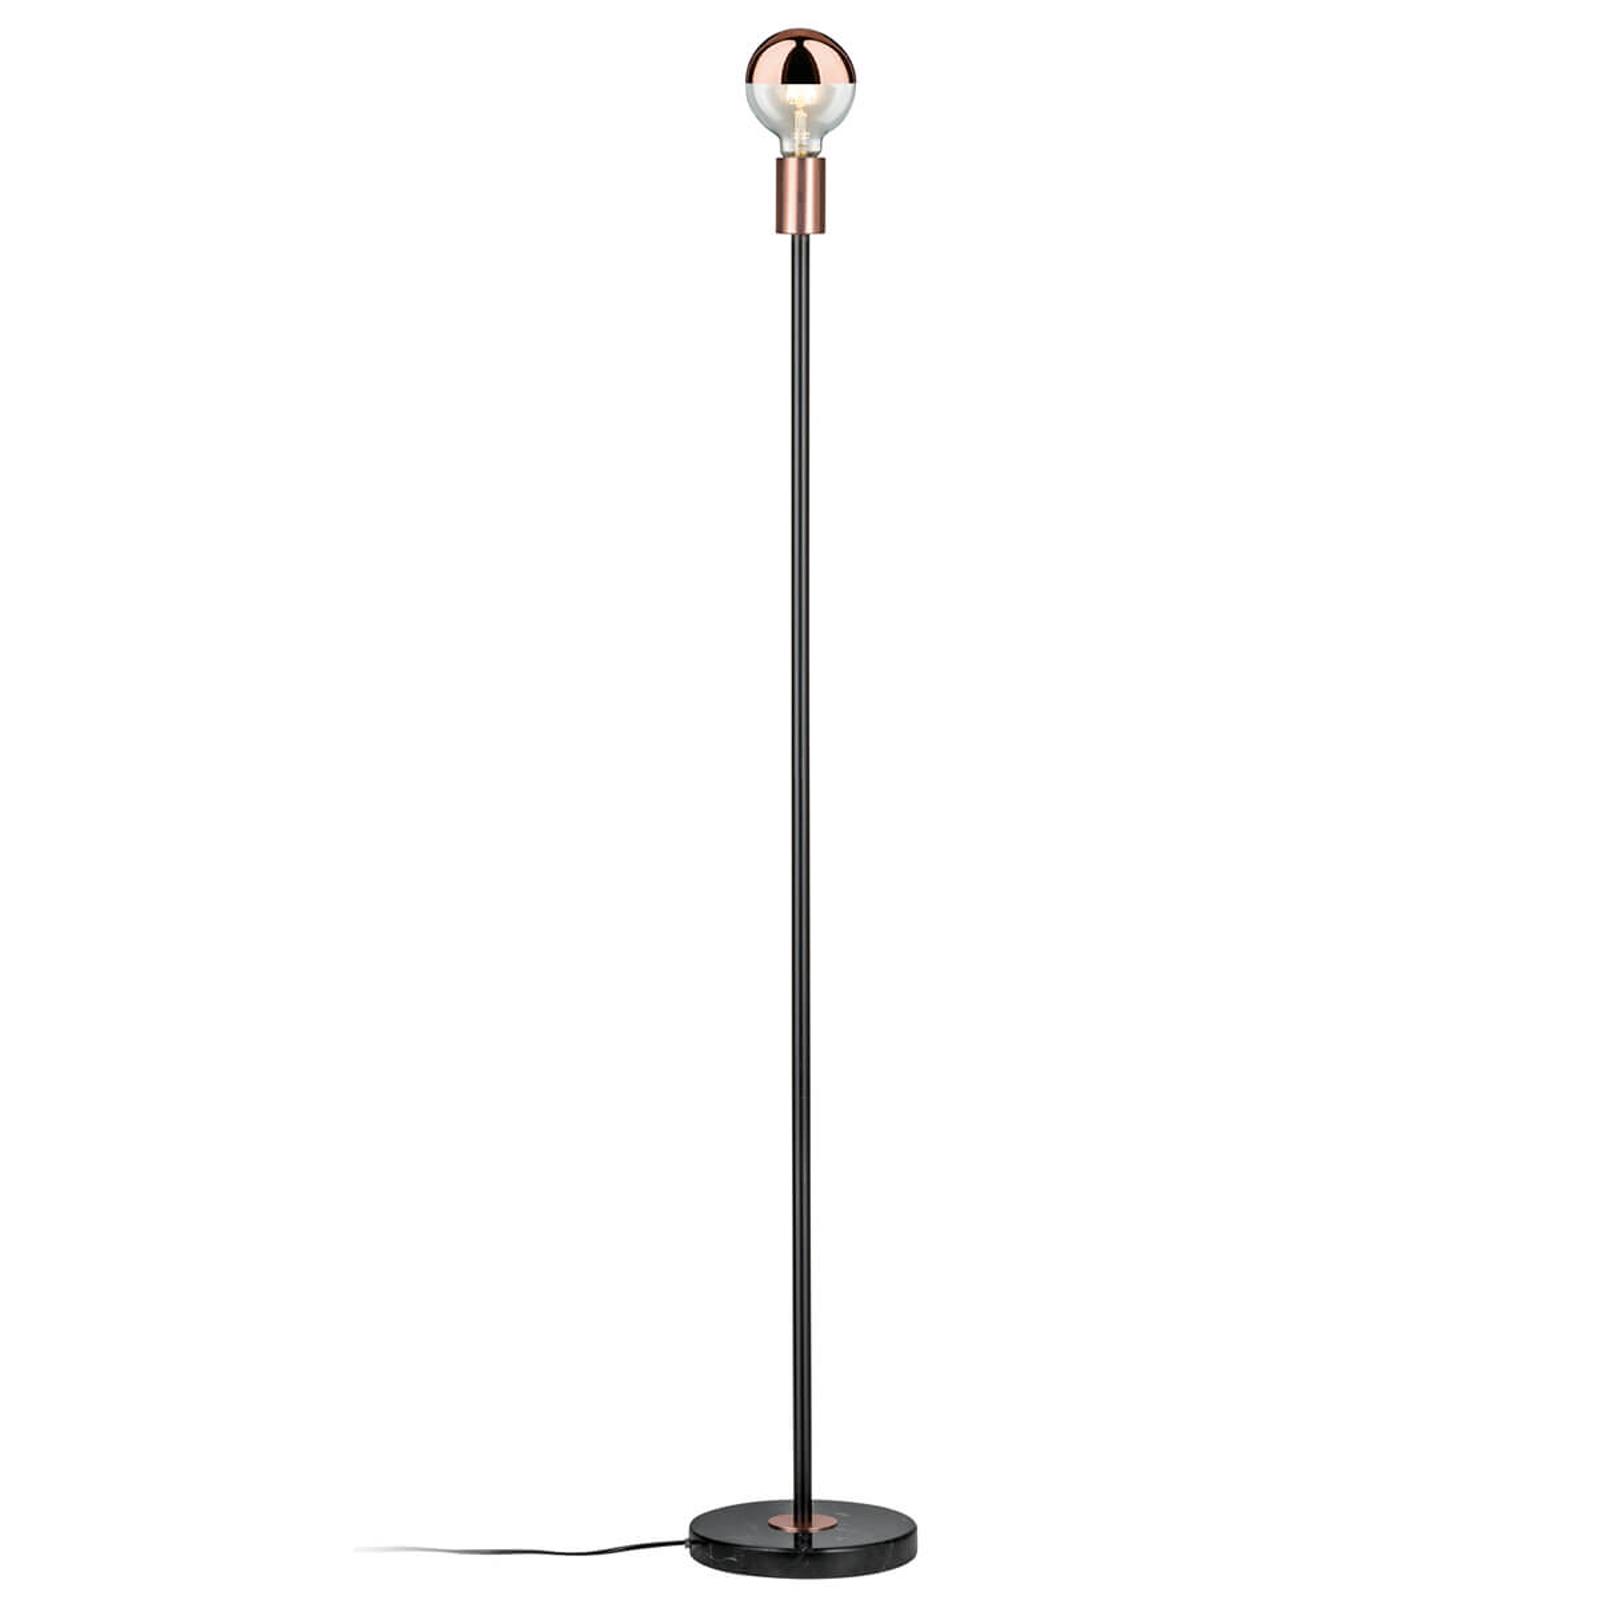 Oryginalnie zaprojektowana lampa stojąca Nordin